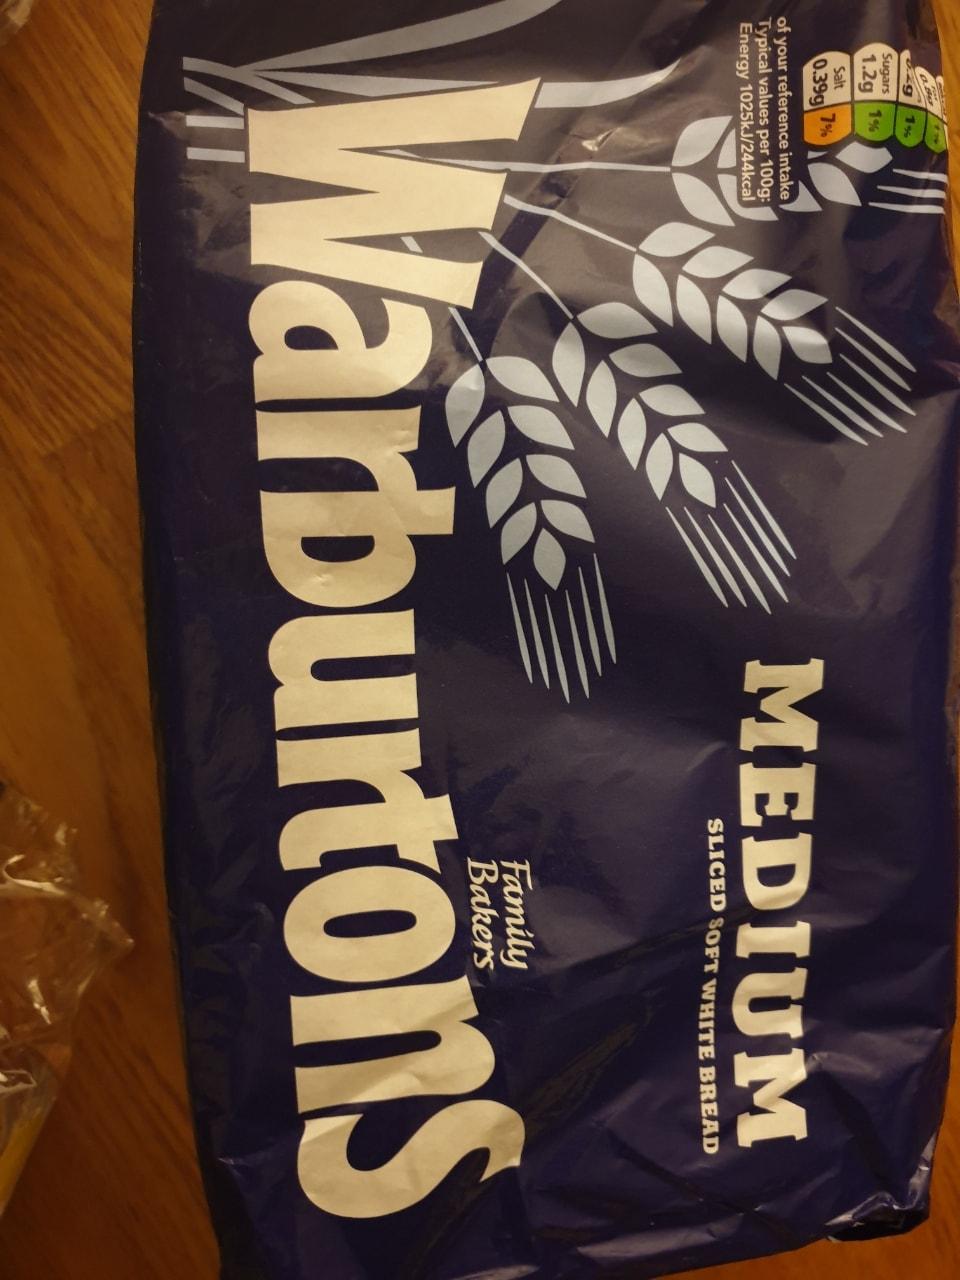 Warburton bread